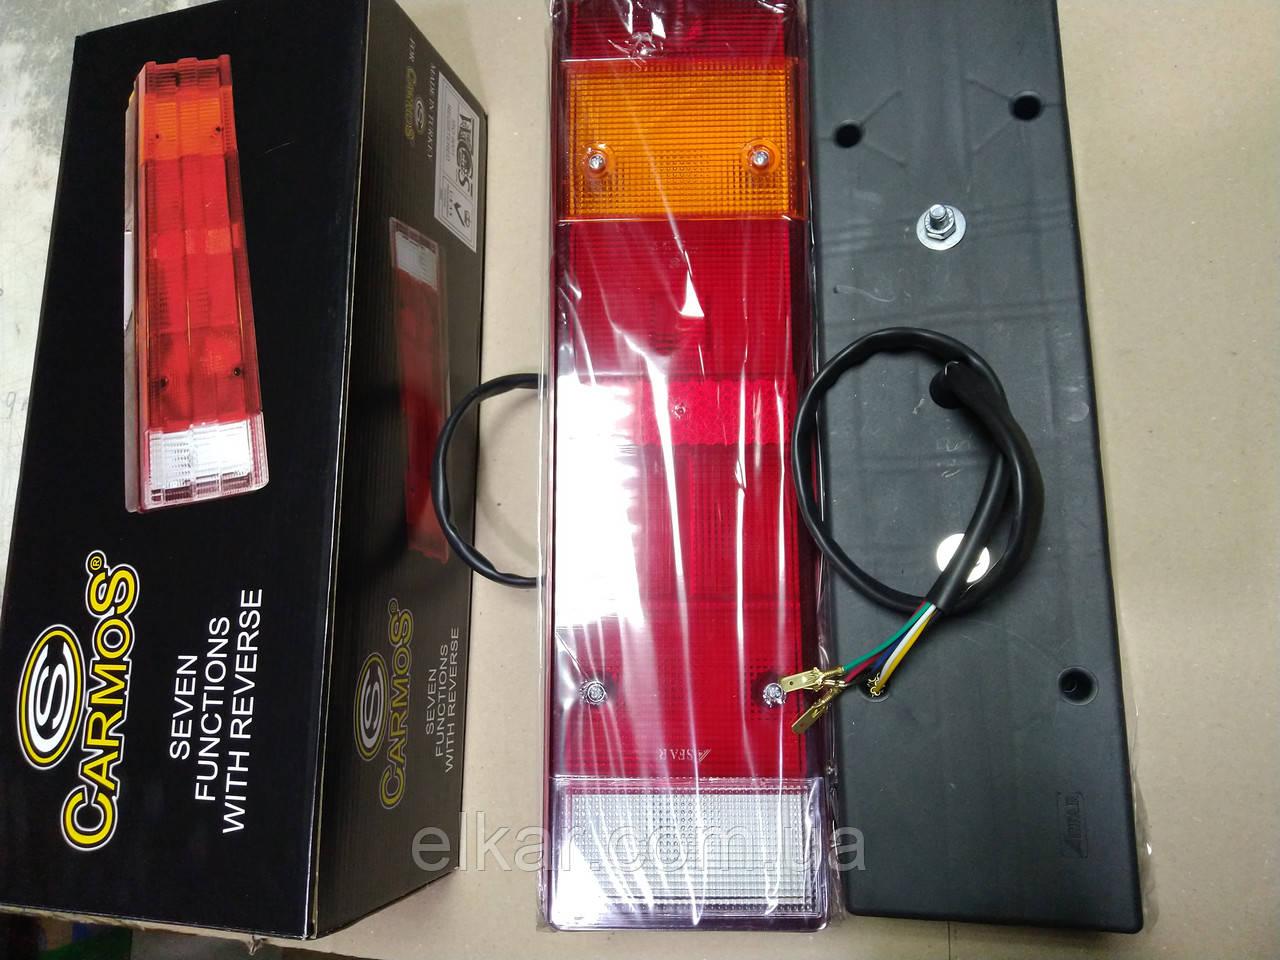 Ліхтар задній (правий та лівий) з кабелем  DAF (465х130х83) 0030 / 20013